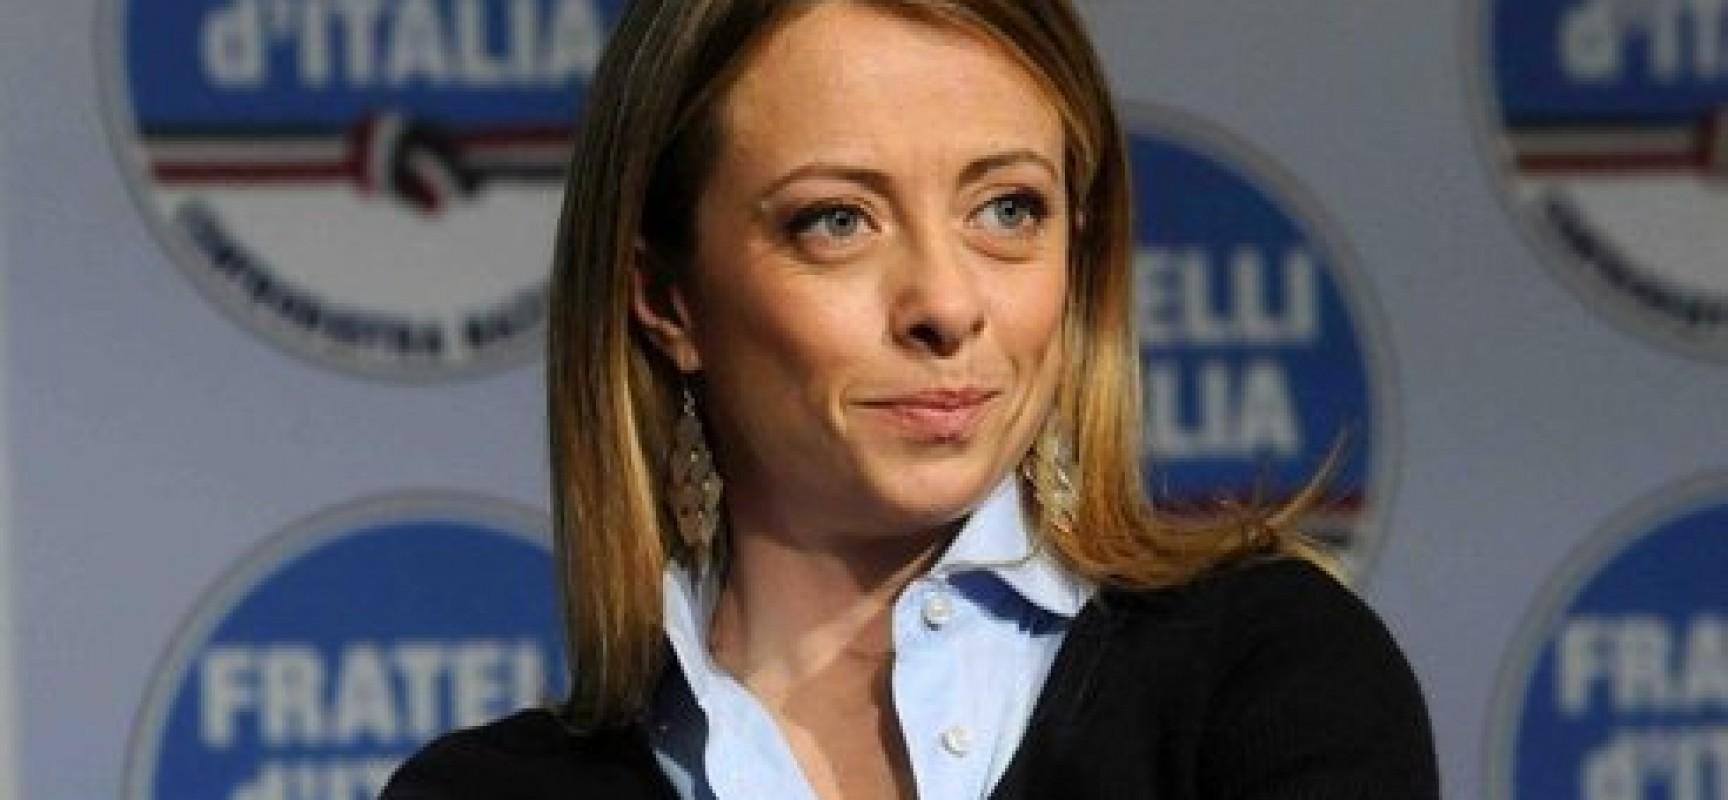 Giorgia meloni biografia for Meloni arredamenti oristano